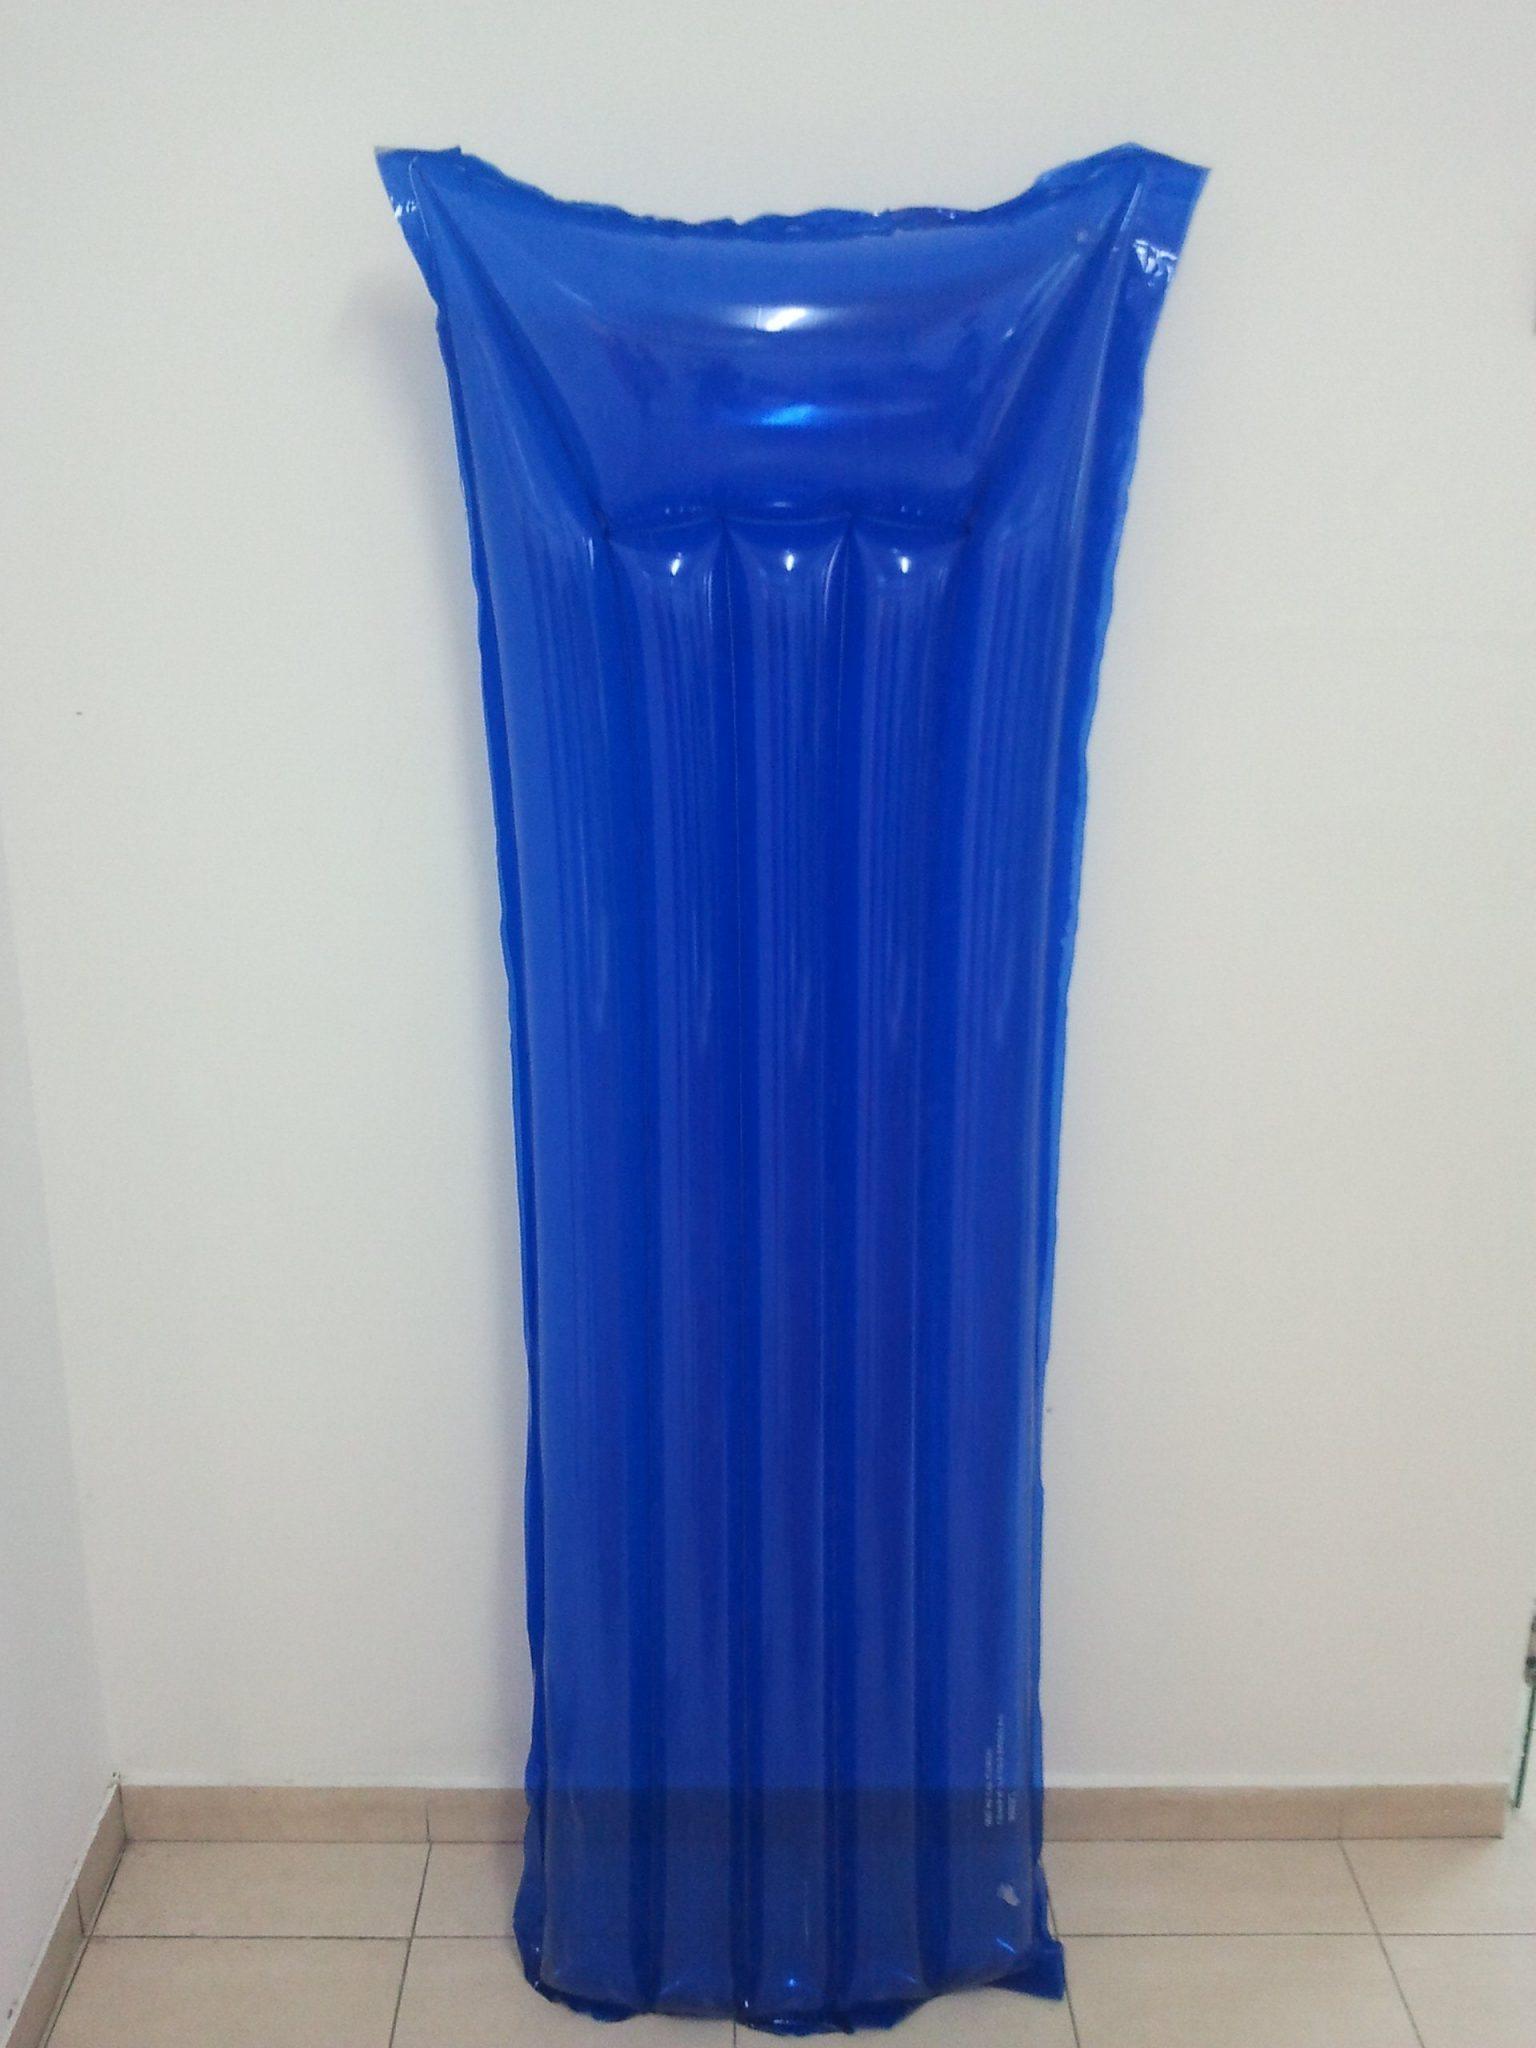 DL9523-מזרן-ים-שקוף-כחול1